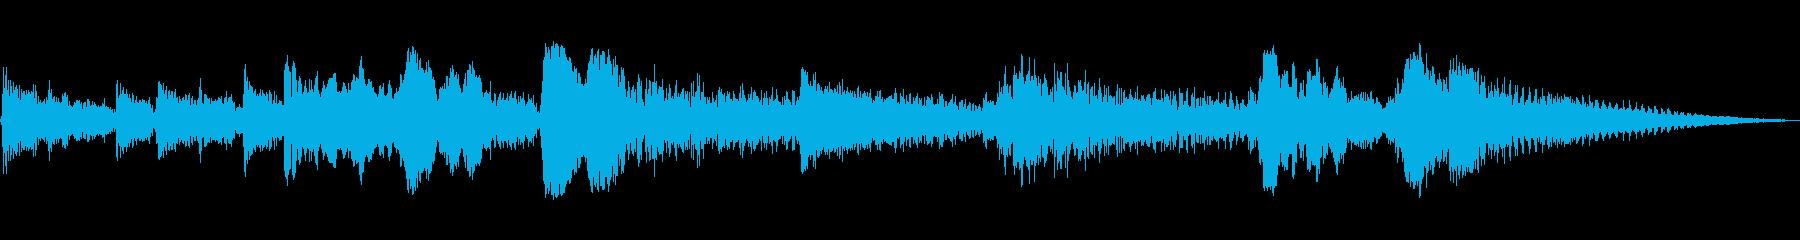 スペイン語のGUITARタグの解決1の再生済みの波形